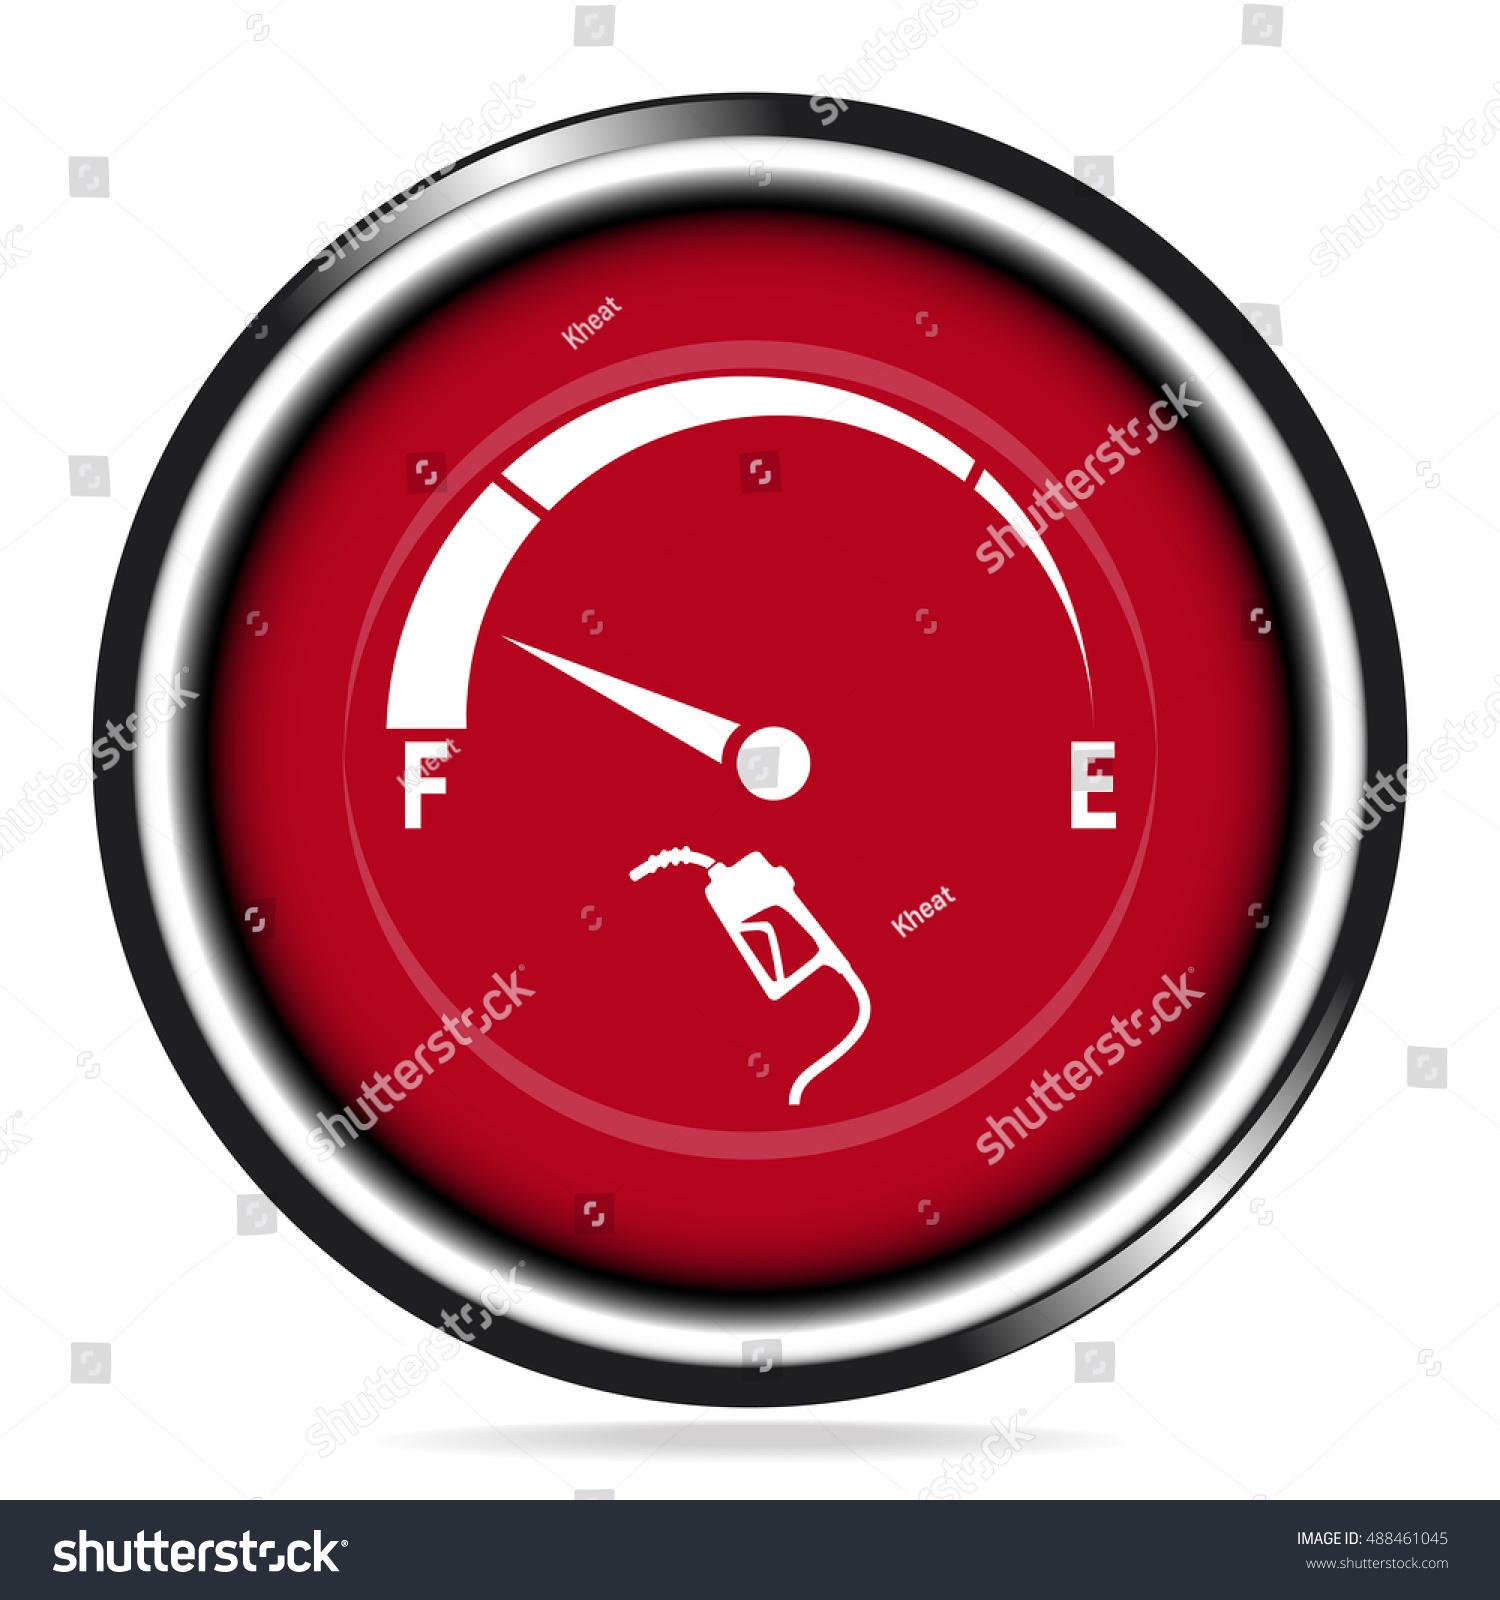 Fuel Gauge Symbol Gas Meter: Gas Meter S...